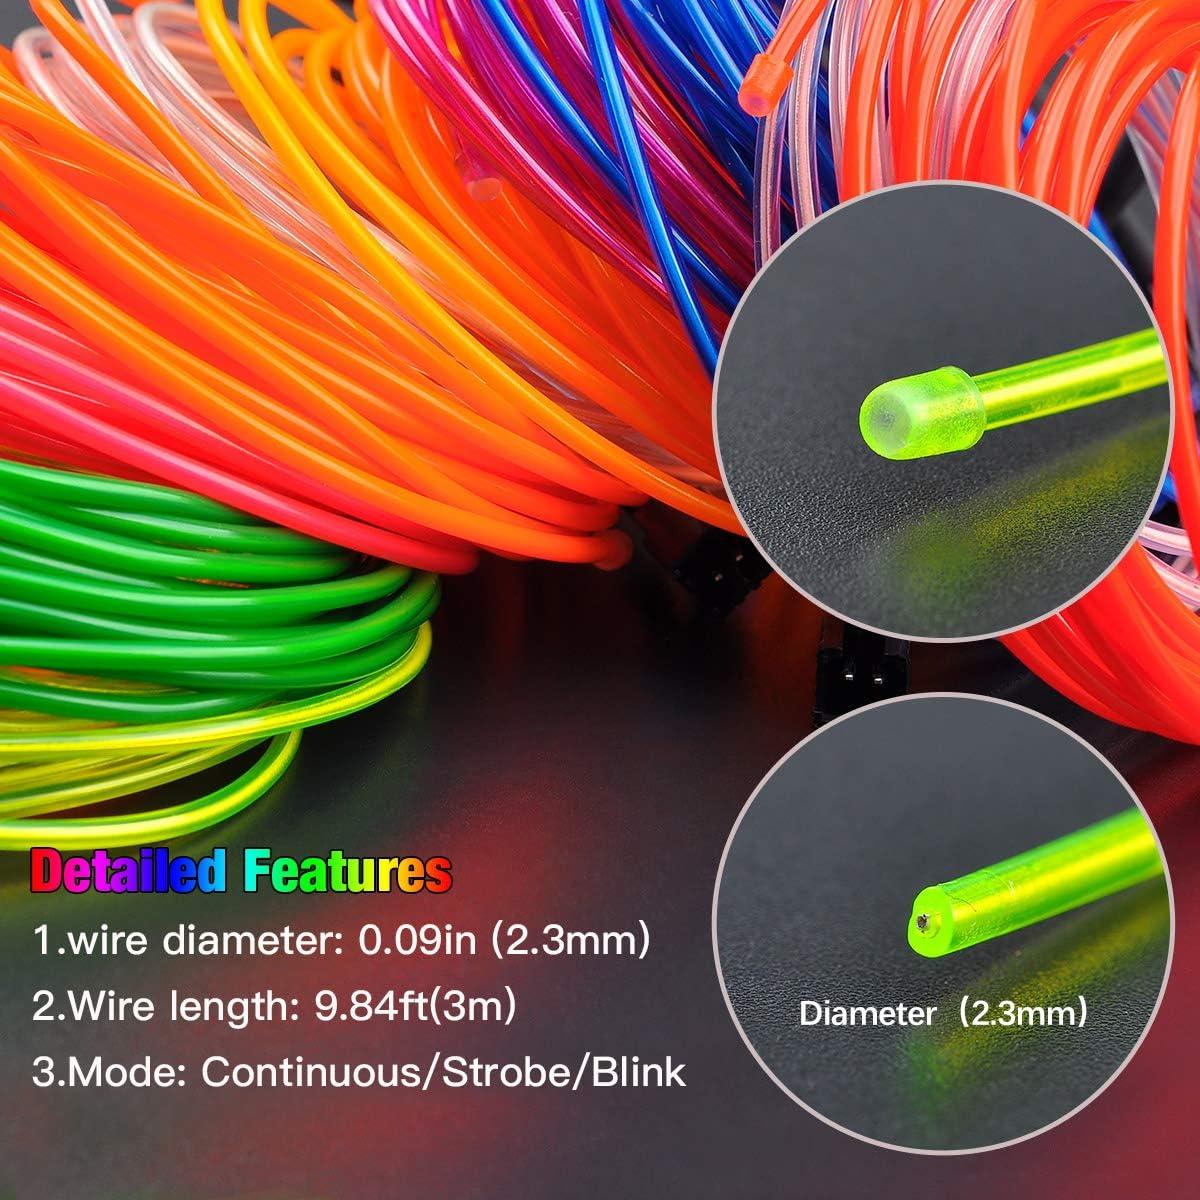 EL Wire Songway Draht Neon Leuchtschnur EL Kabel euchtkabel Neon Wire Leuchtende Strobing Elektrolumineszenz mit 3 Modes f/ür Halloween Weihnachtsfeiern und Partybeleuchtung Blau, 3M